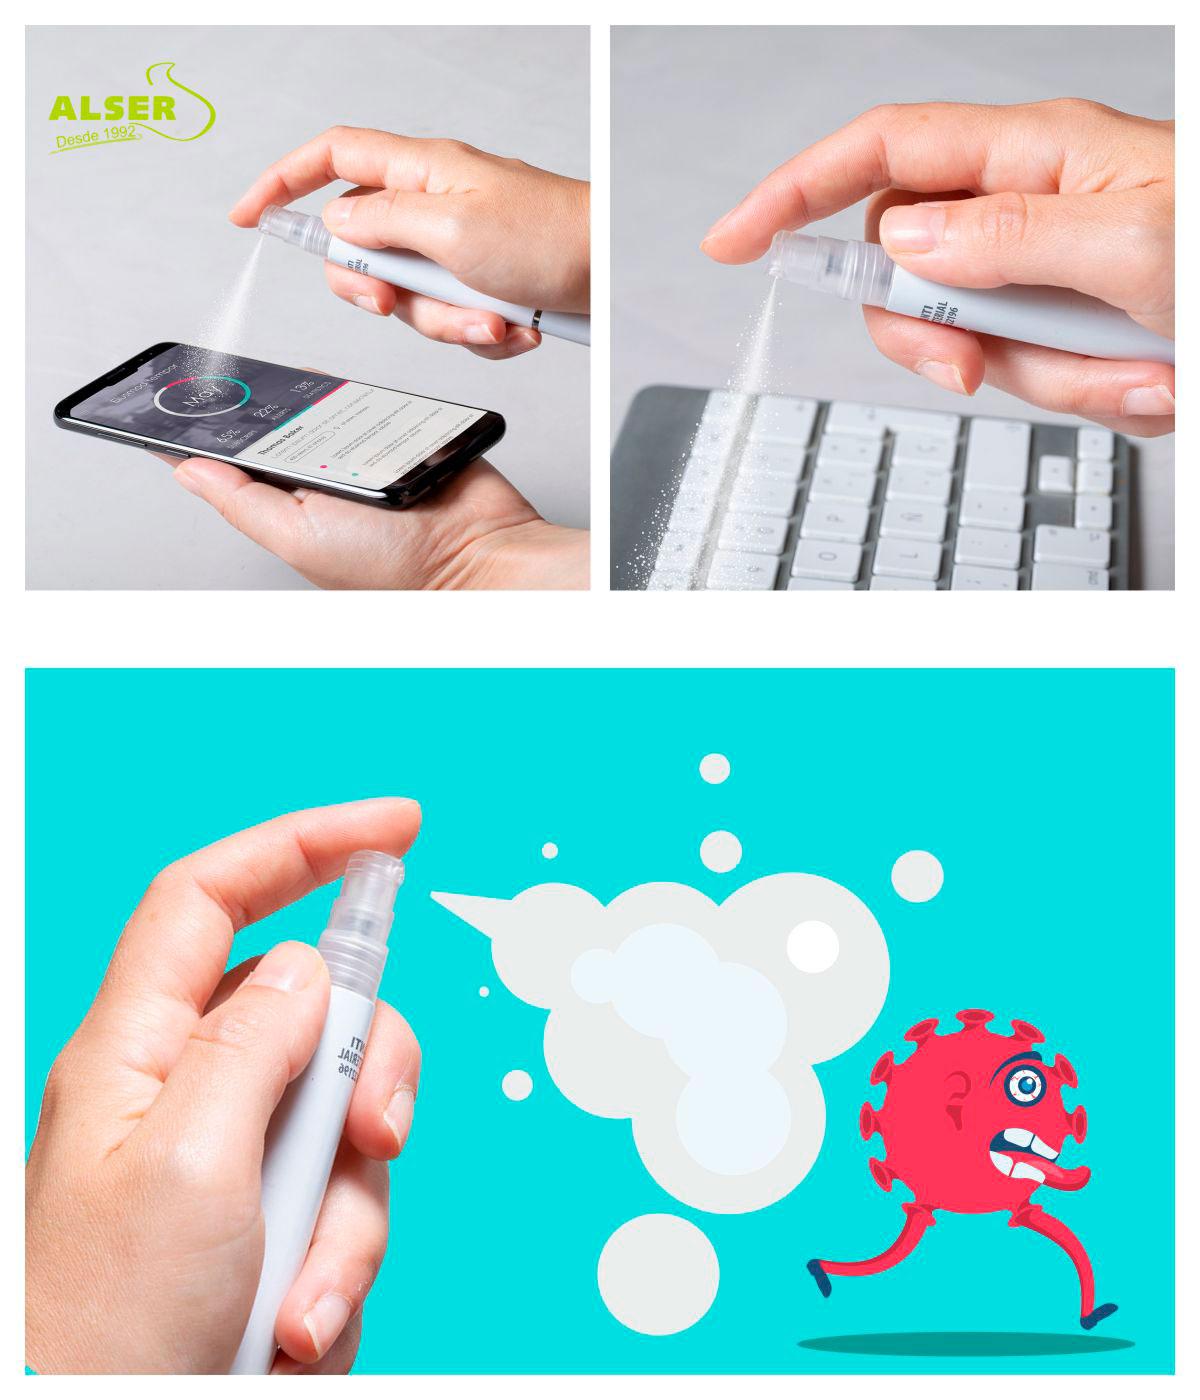 boligrafo pulverizador para pantalla, teclado, manos y desinfección de otros objetos cotidianos